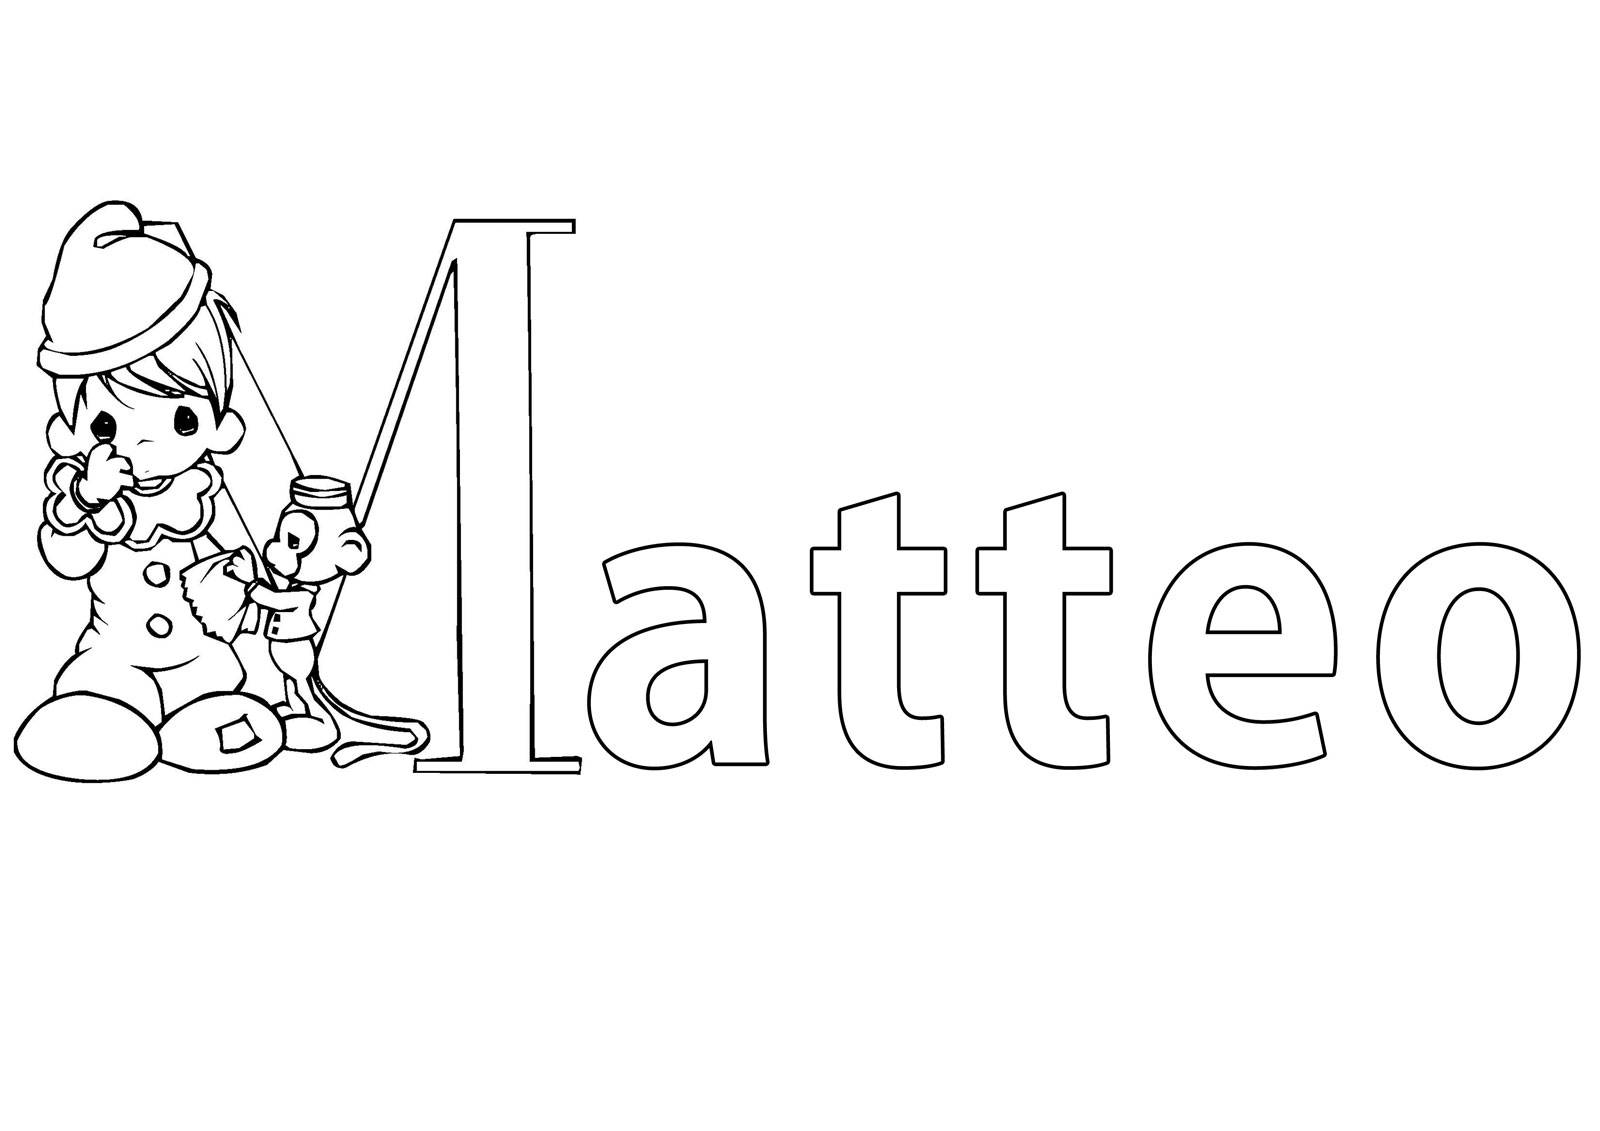 kostenlose malvorlage beliebte jungennamen vorname matteo ausmalen zum ausmalen. Black Bedroom Furniture Sets. Home Design Ideas